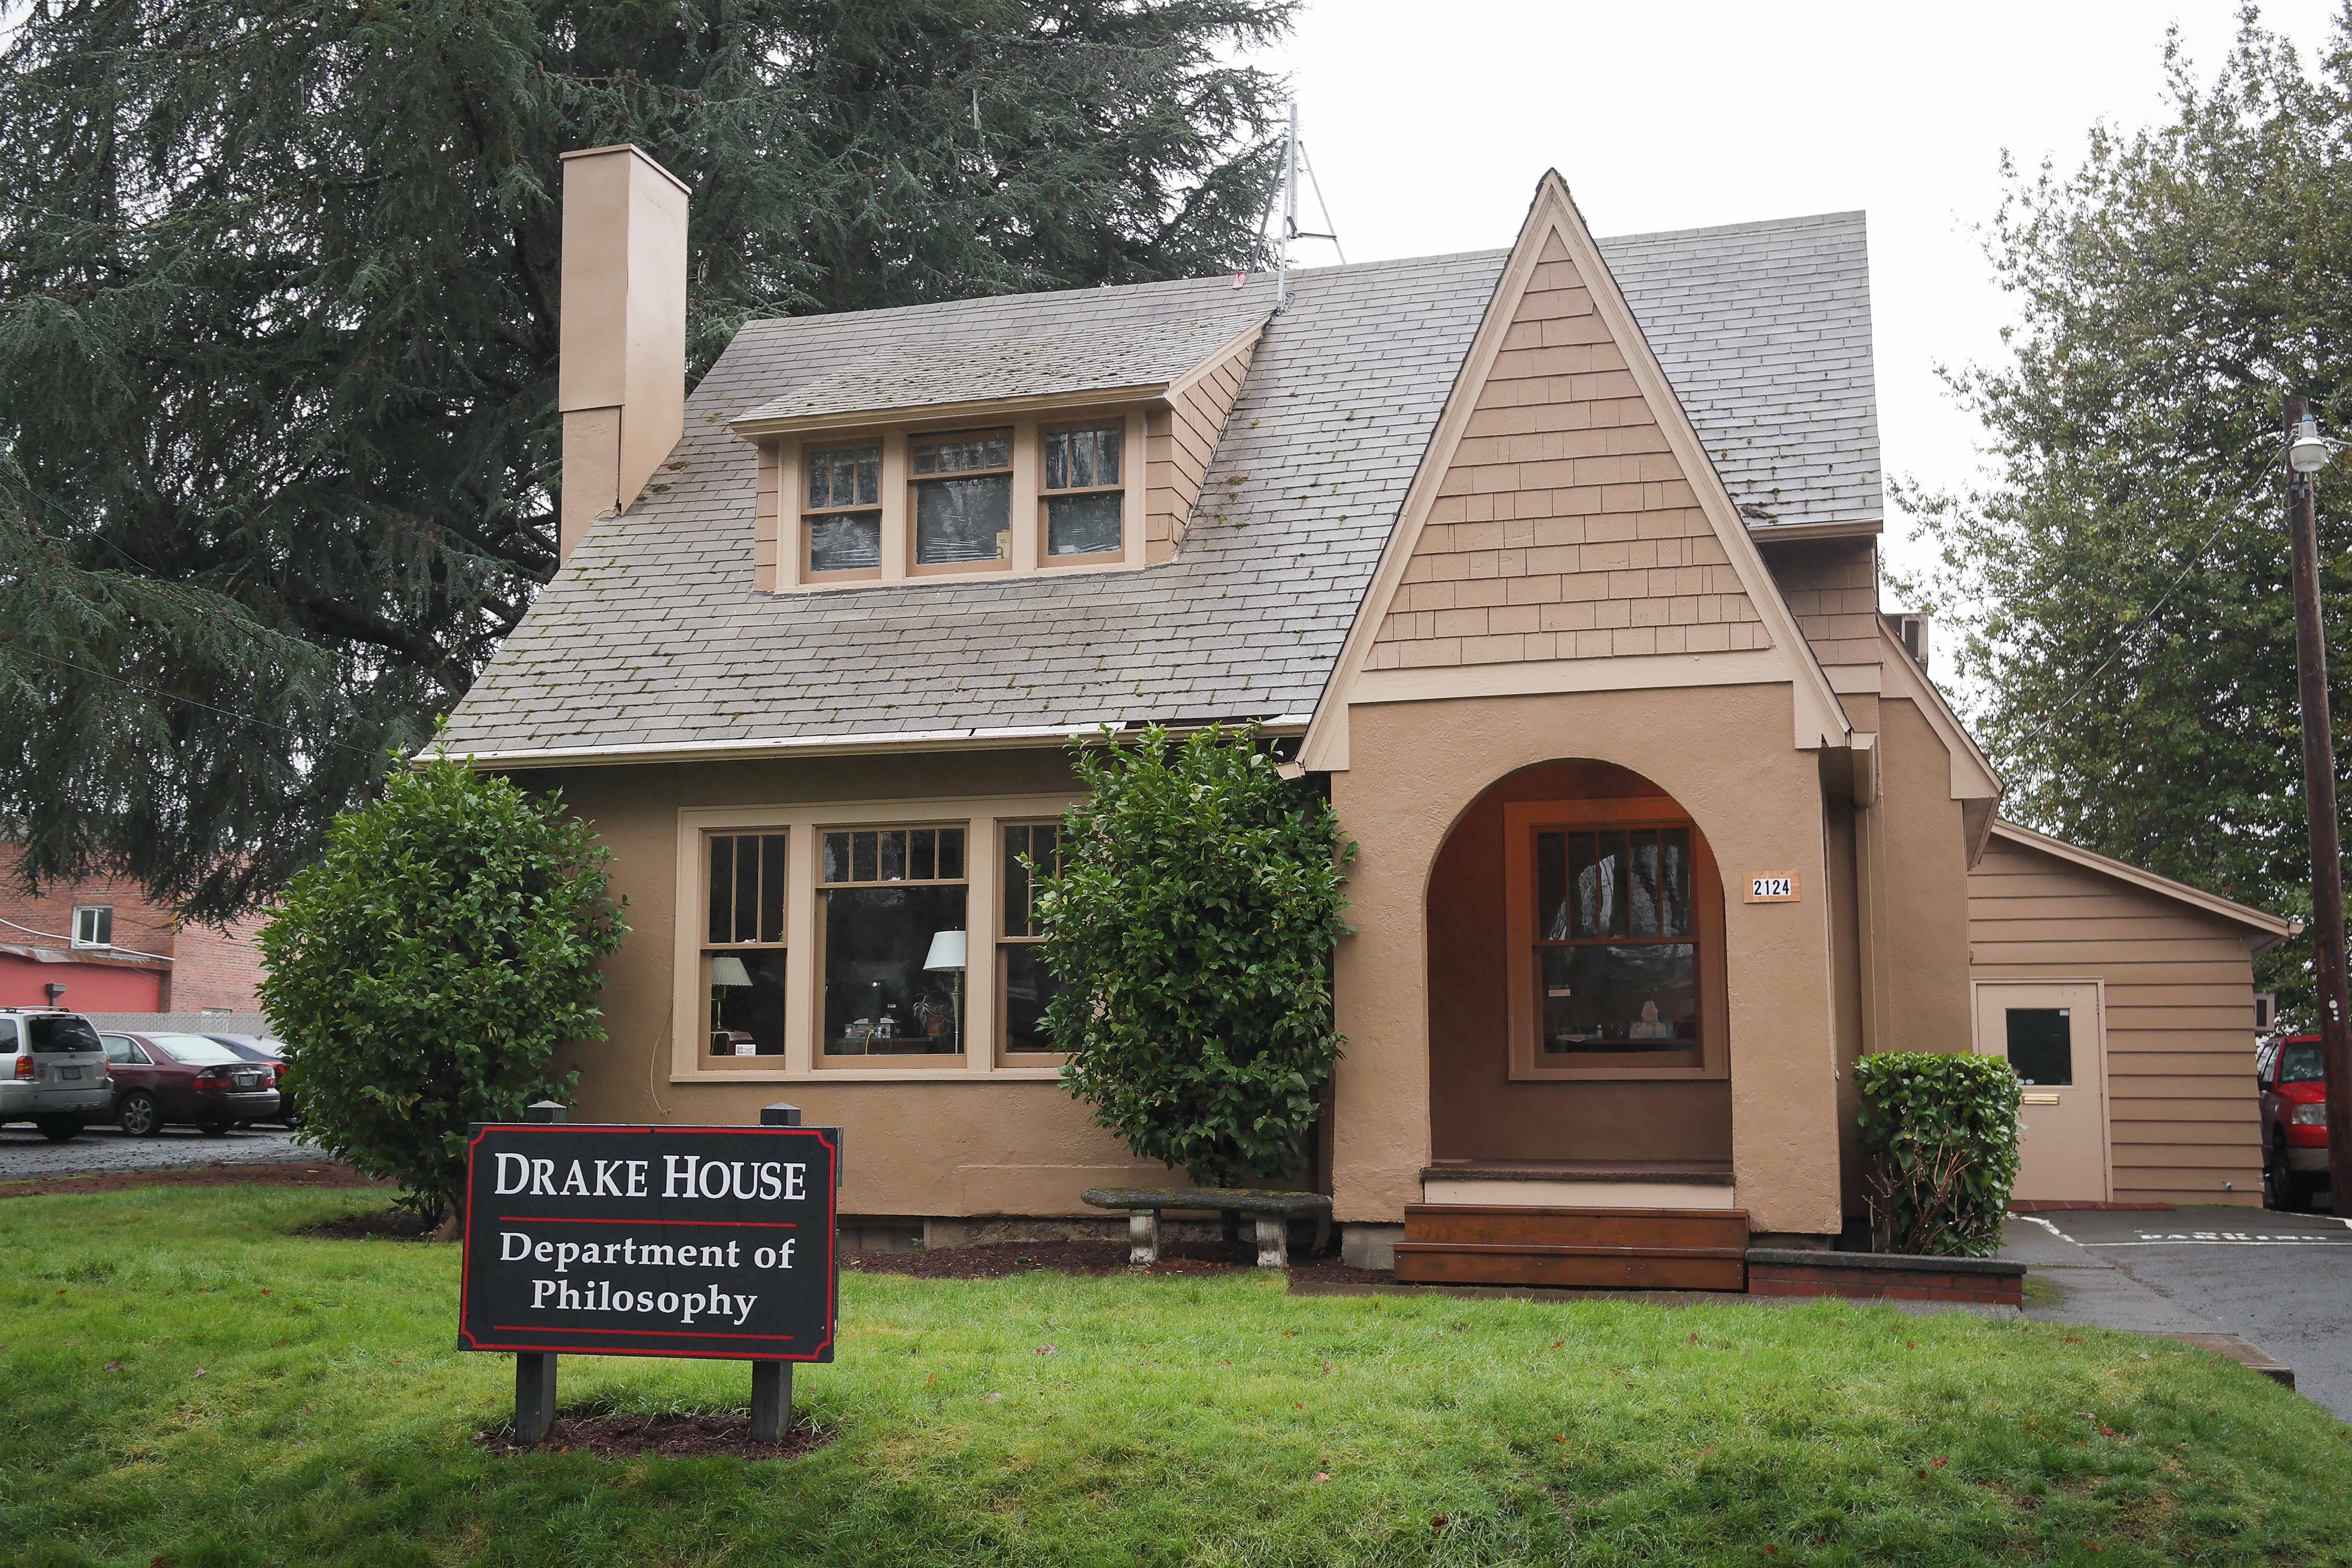 File:Drake House